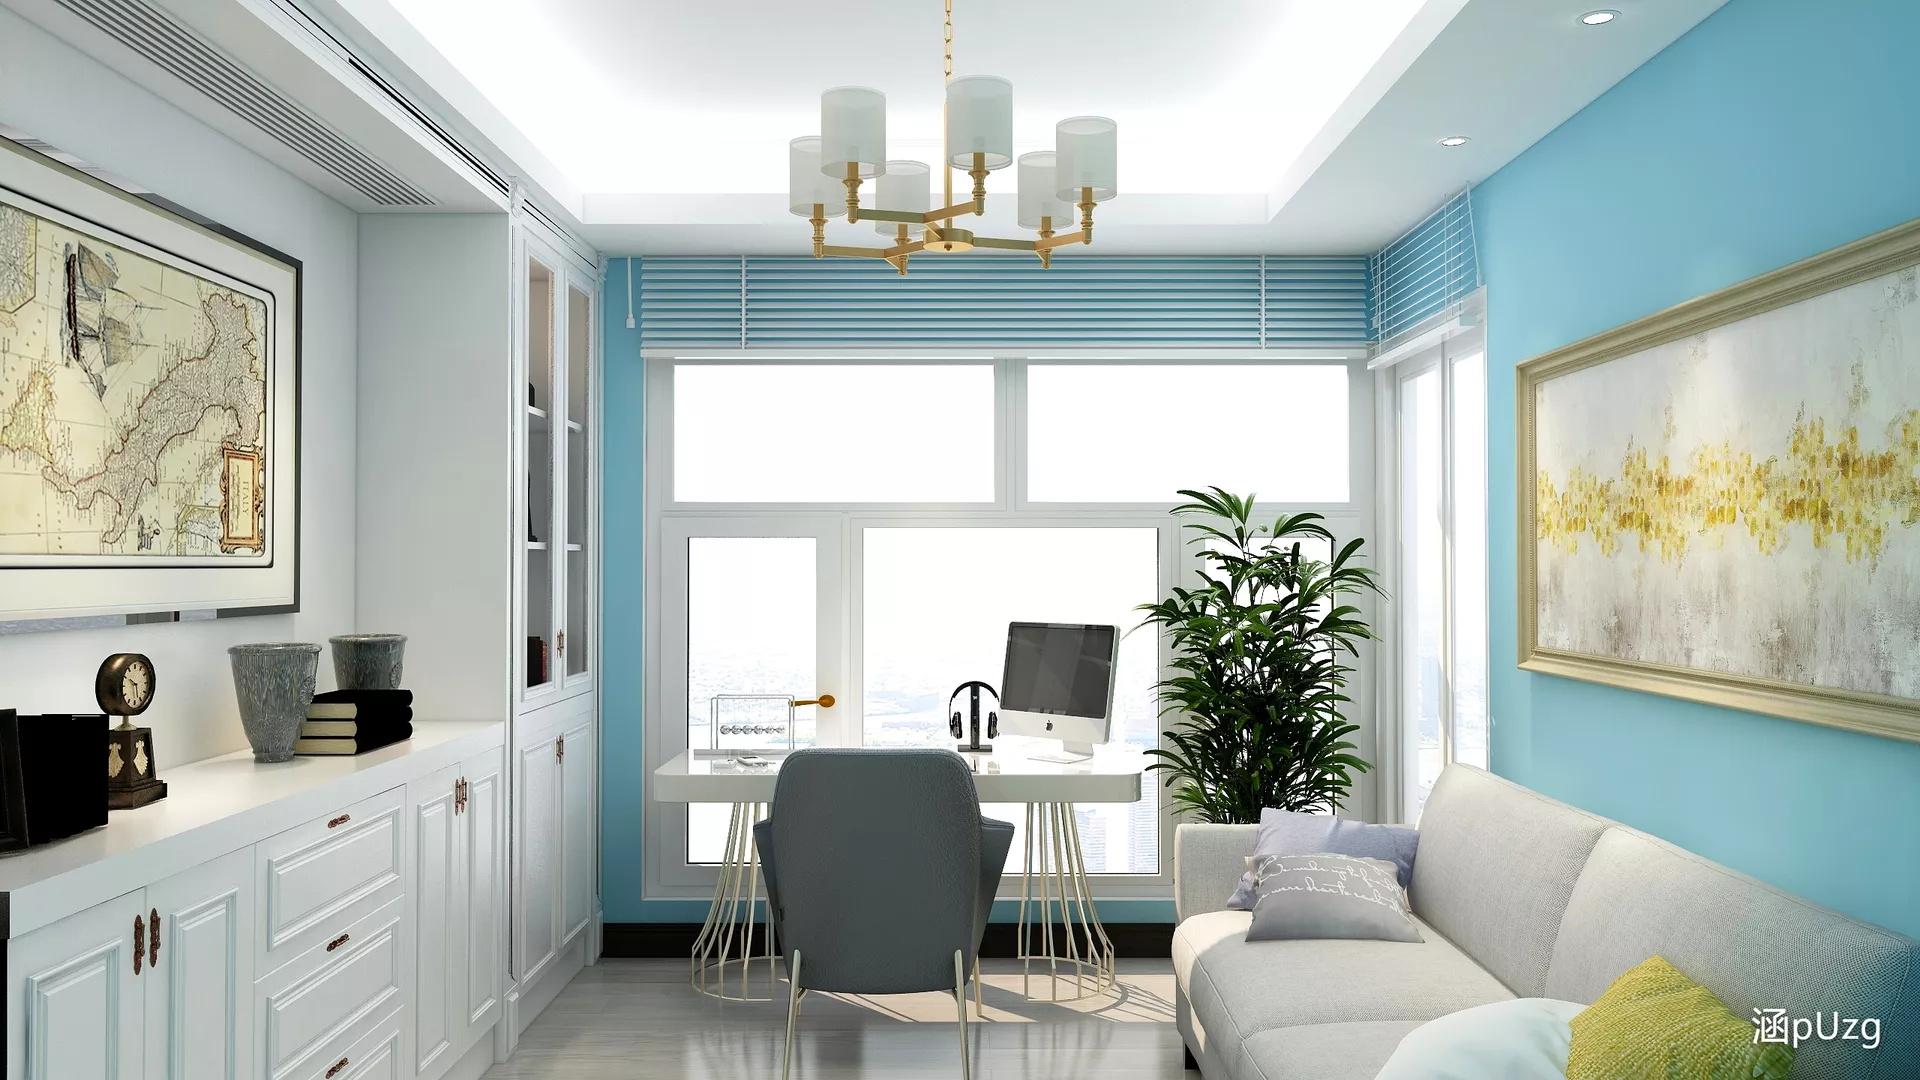 卧室,简约风格,灯具,床,简洁,温馨